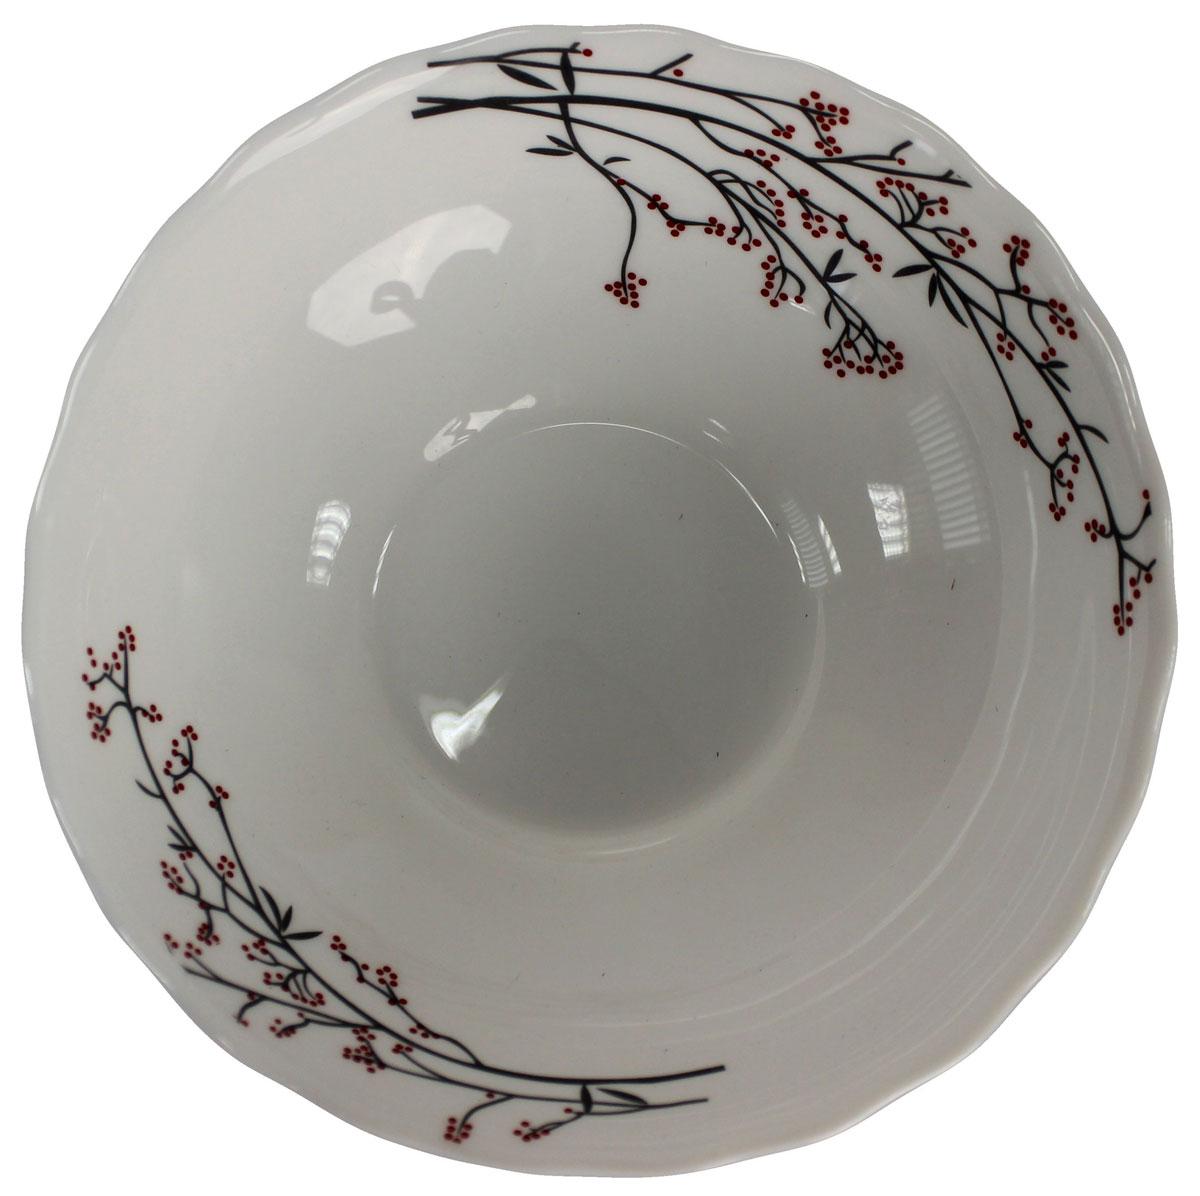 Салатник Марисса, 600 мл. 818935818935Салатник Марисса 17 см, материал опаловое стекло. Удобный и вместительный салатник, подойдет как для сервировки салатов, так и в качестве тарелки для перых блюд.